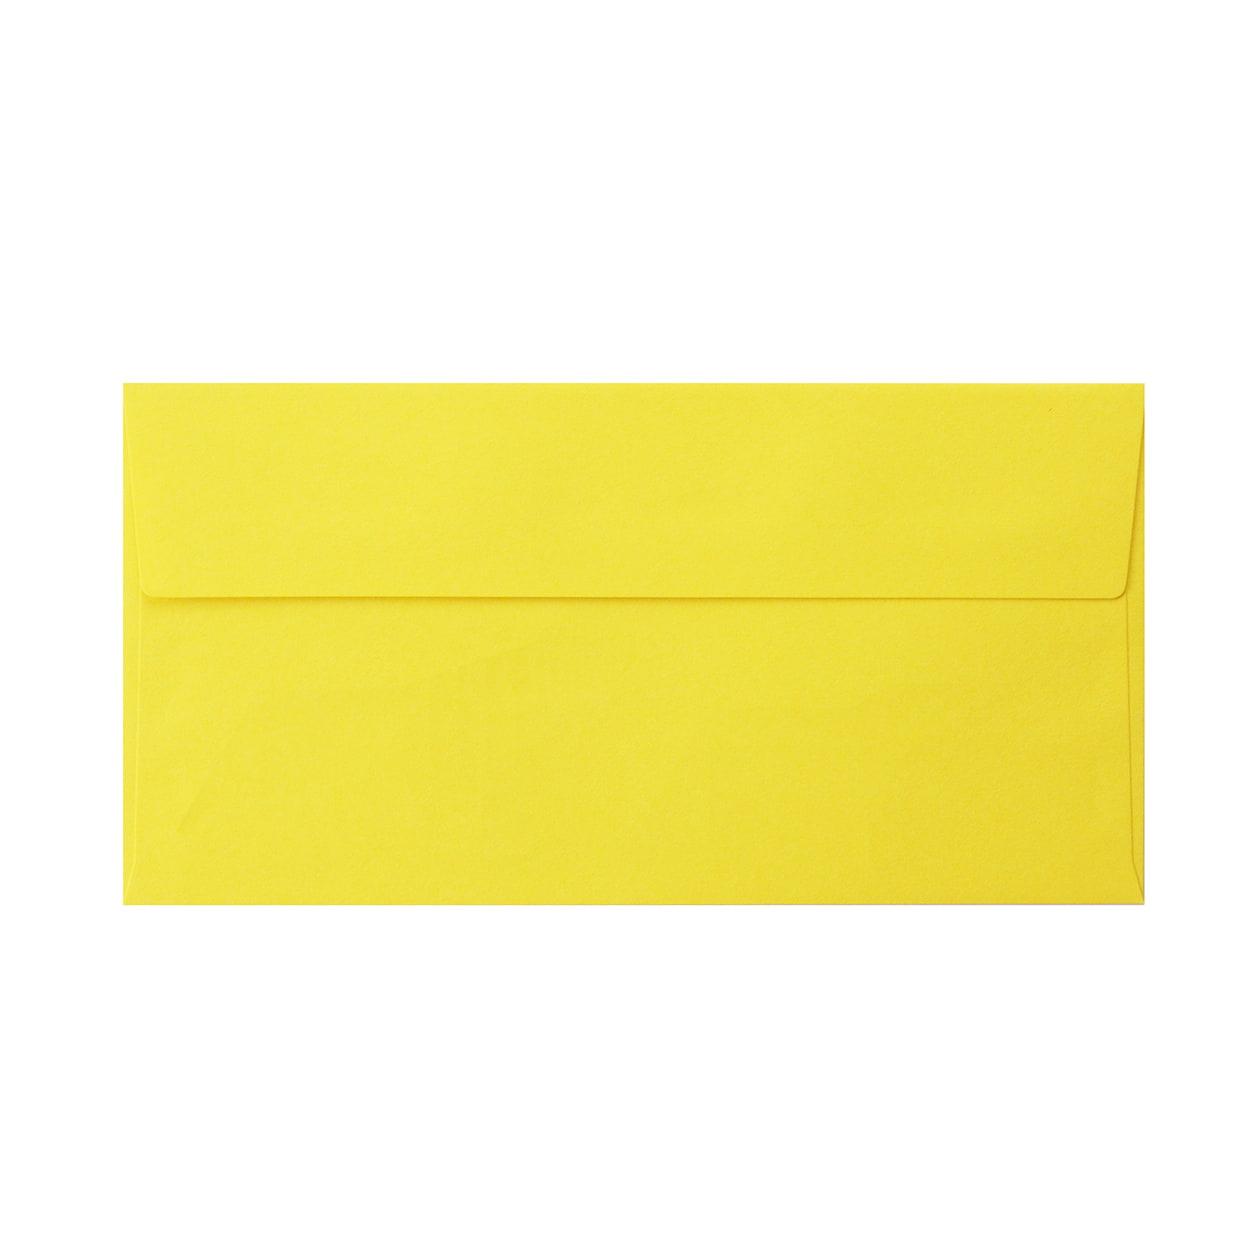 見本 00023 長3カマス封筒 コットン ひまわり 116.3g